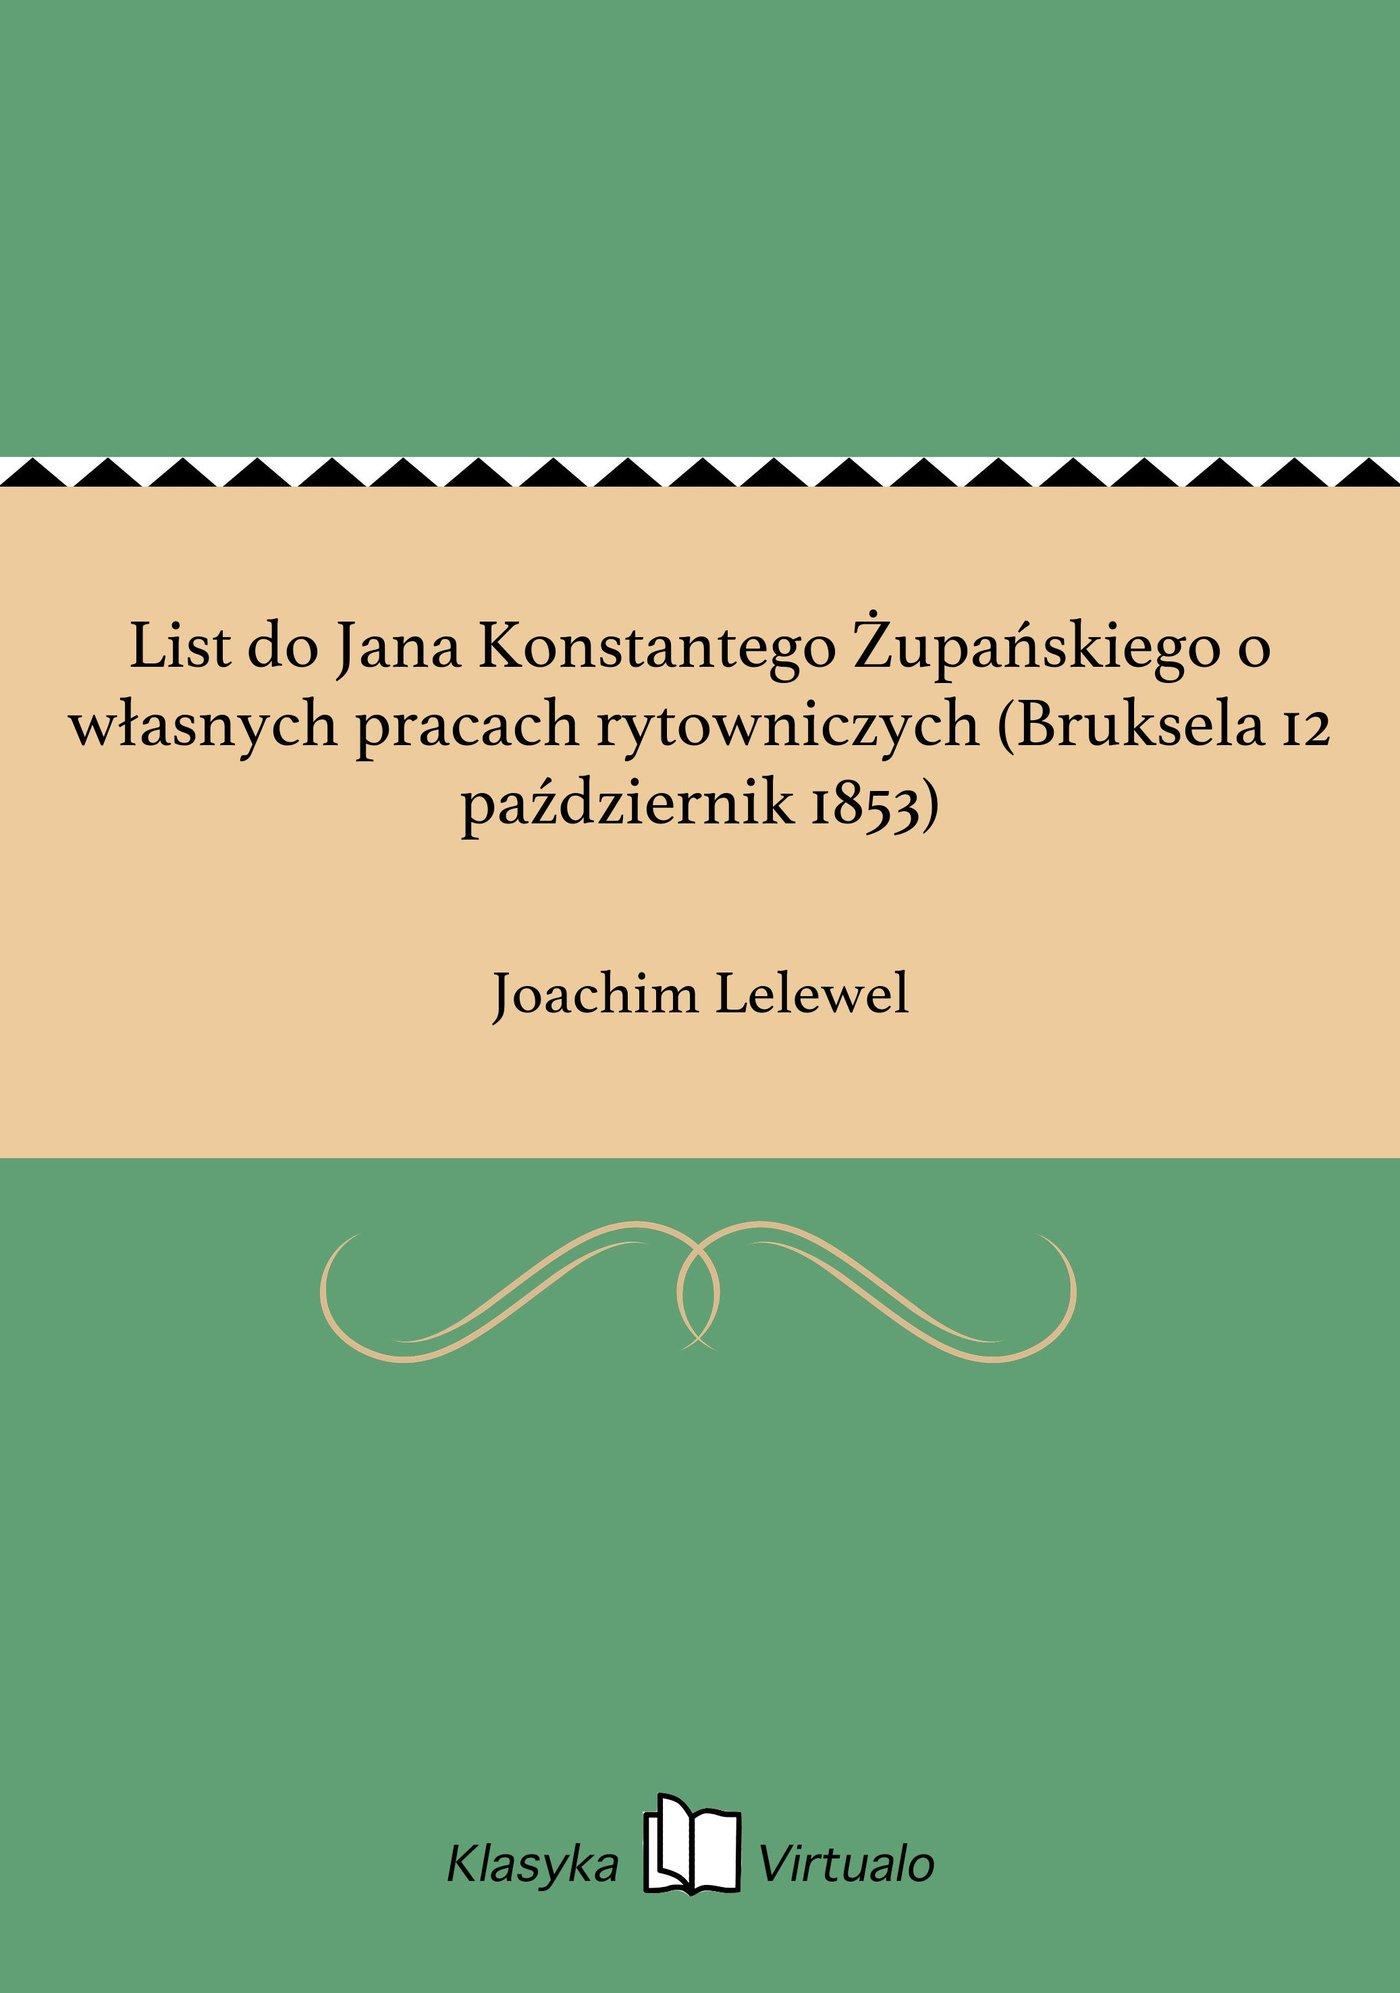 List do Jana Konstantego Żupańskiego o własnych pracach rytowniczych (Bruksela 12 październik 1853) - Ebook (Książka EPUB) do pobrania w formacie EPUB